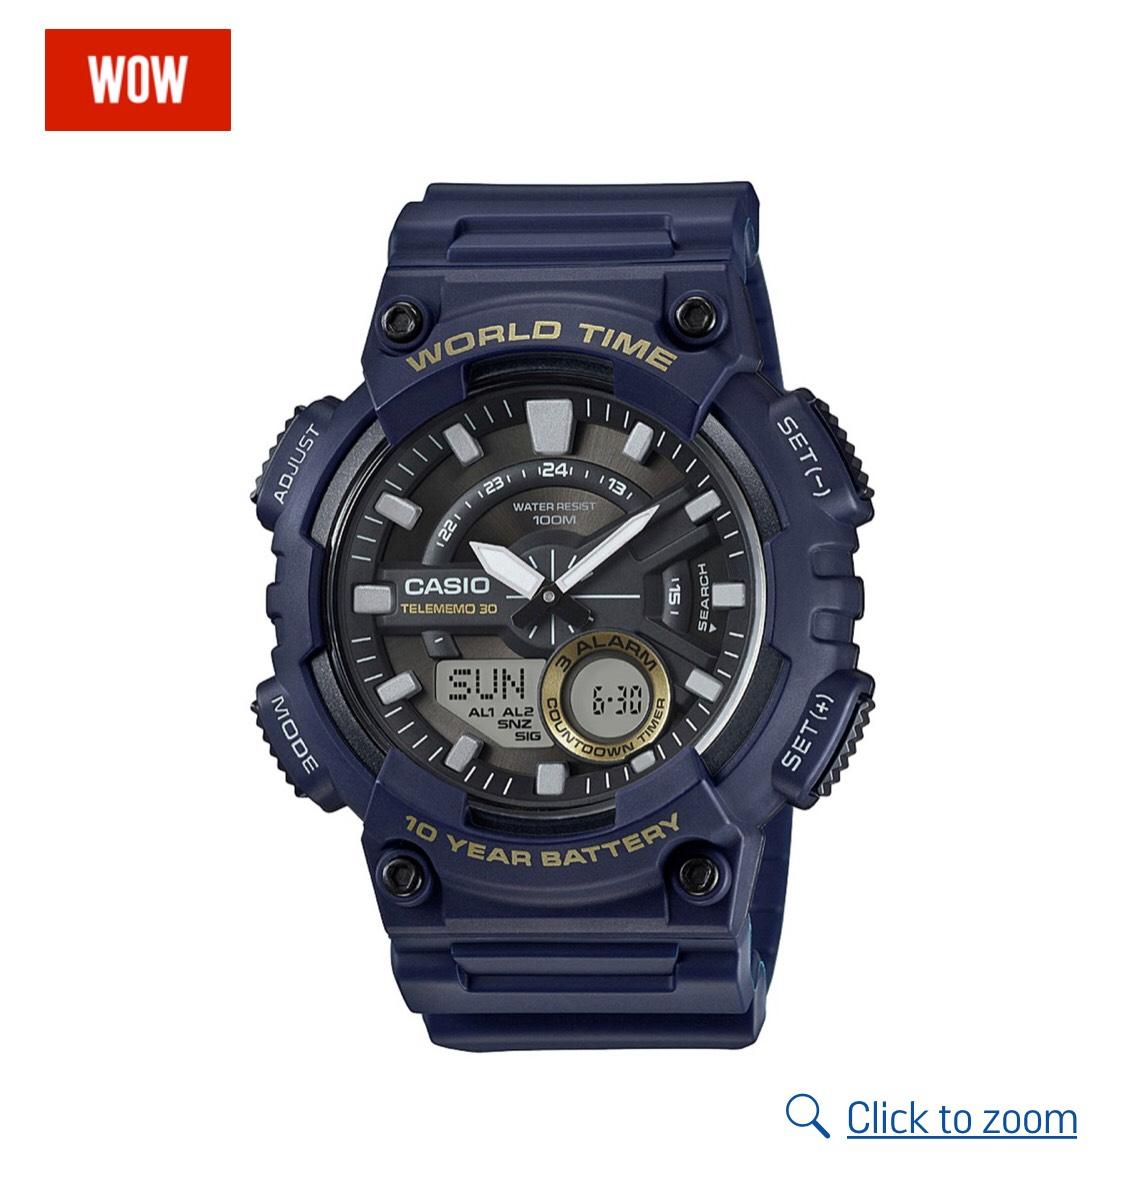 Casio World Time Telememo Blue Strap Combi Watch , £24.99 @ Argos